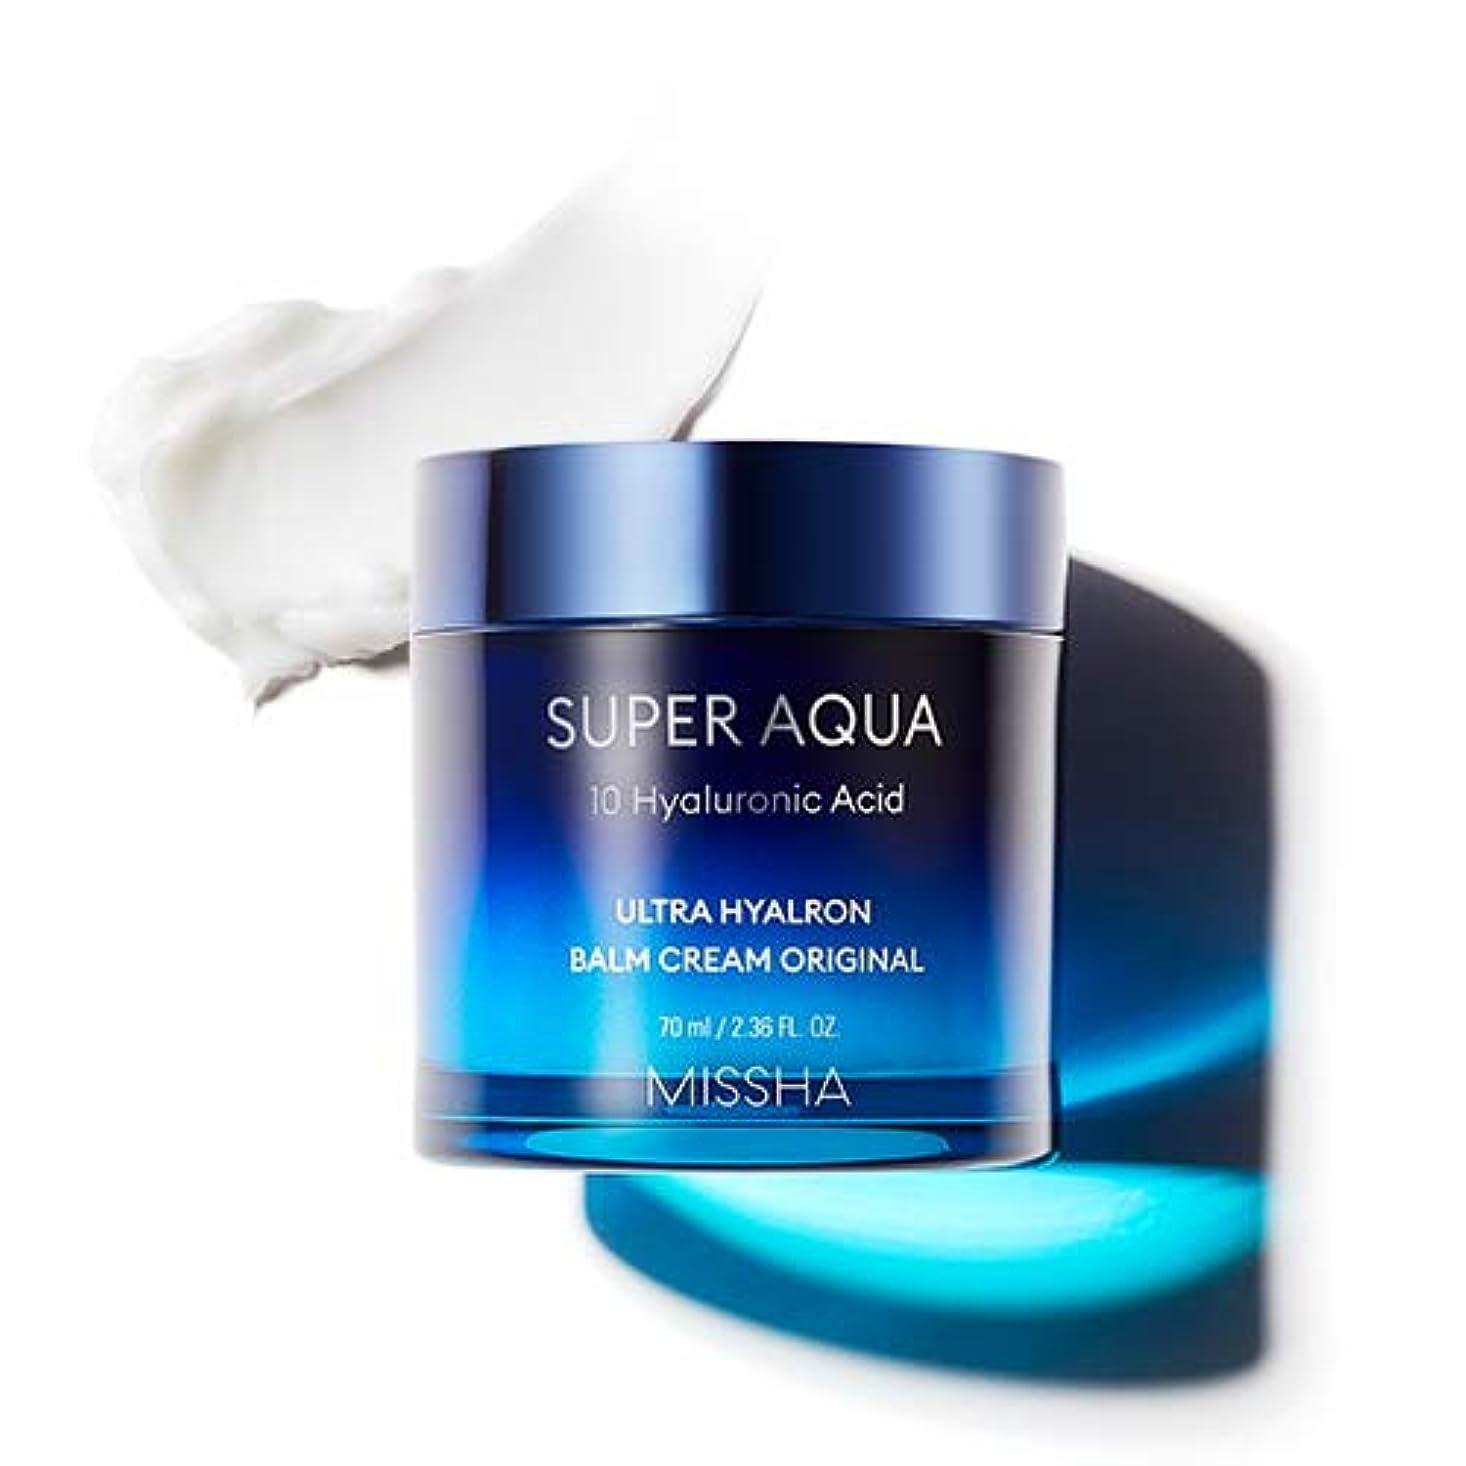 専門知識余分な楕円形MISSHA Super Aqua Ultra Hyalron Balm Cream Original ミシャ スーパーアクア ウルトラ ヒアルロン バーム クリーム オリジナル 70ml [並行輸入品]